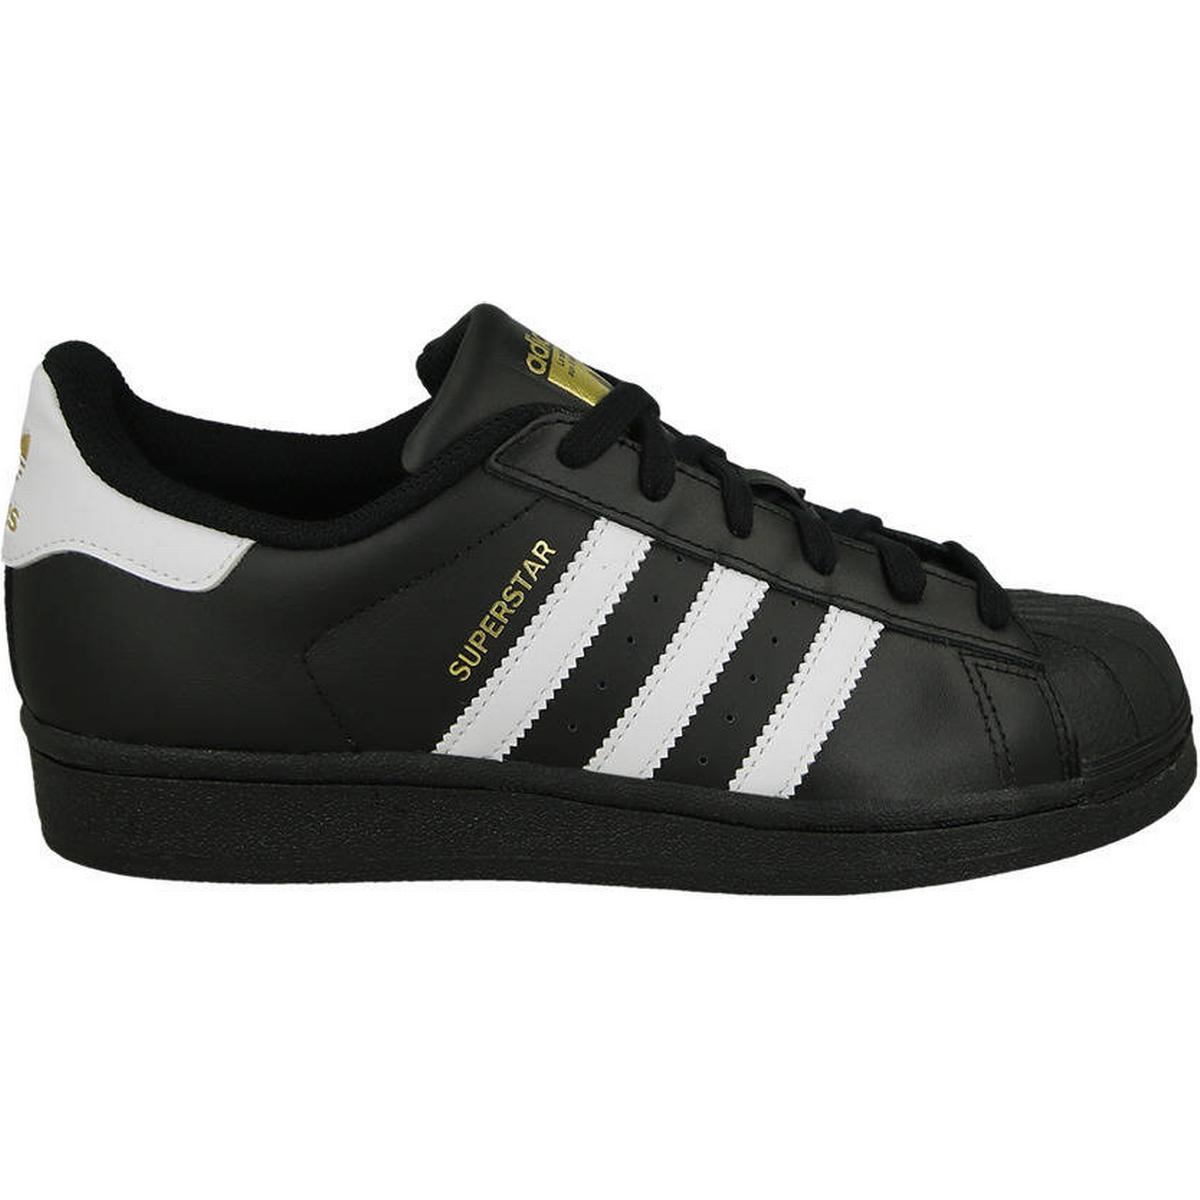 Adidas superstar 80s • Find den billigste pris hos